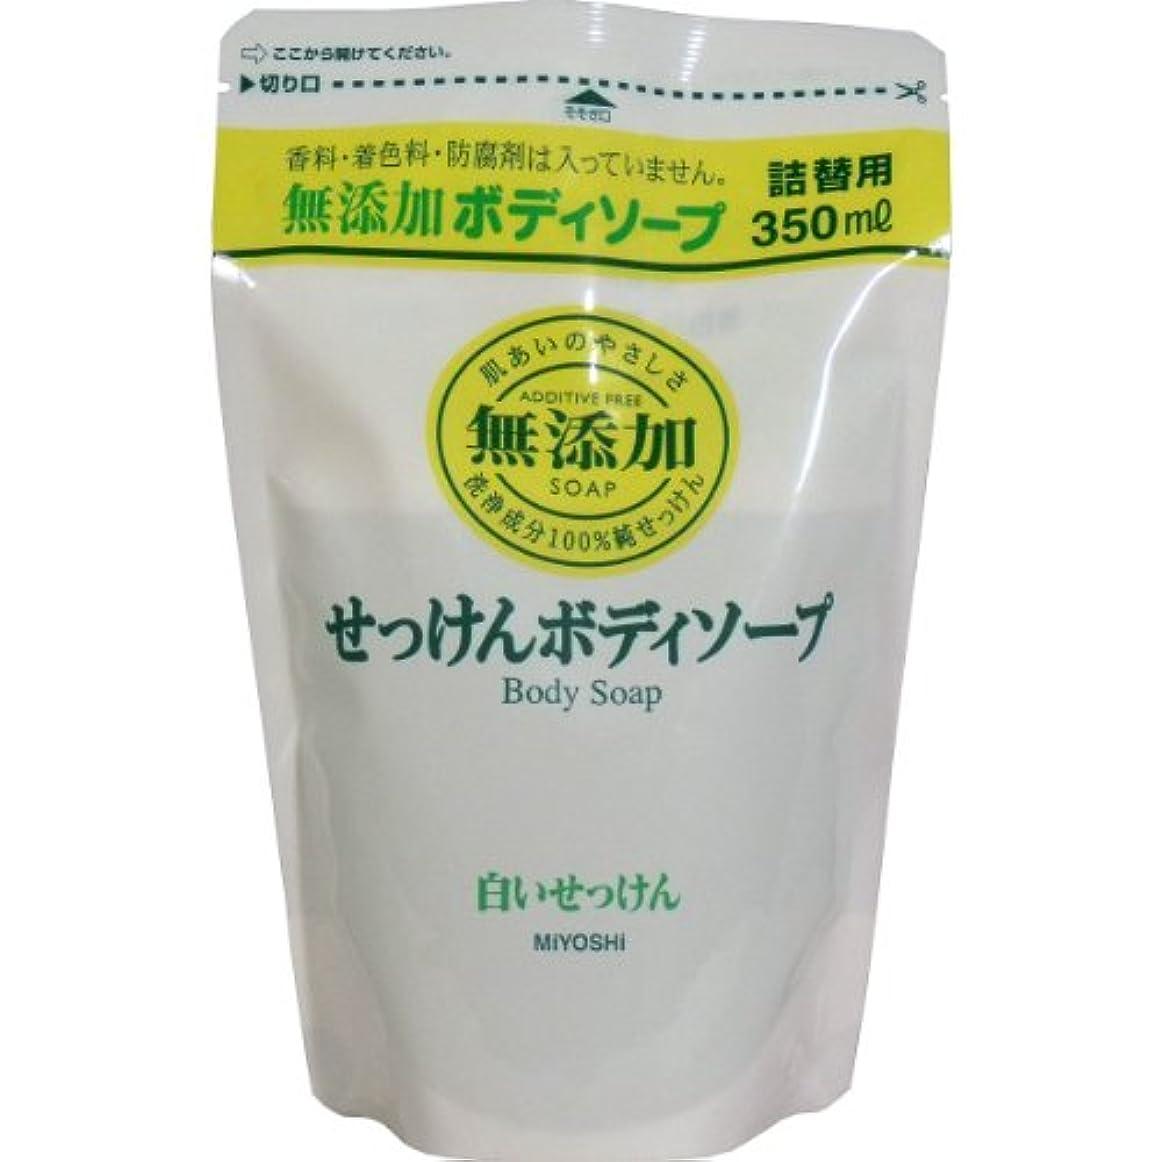 サリー検体道を作るミヨシ石鹸 無添加 ボディソープ 白い石けん つめかえ用 350ml×20個セット(無添加石鹸)